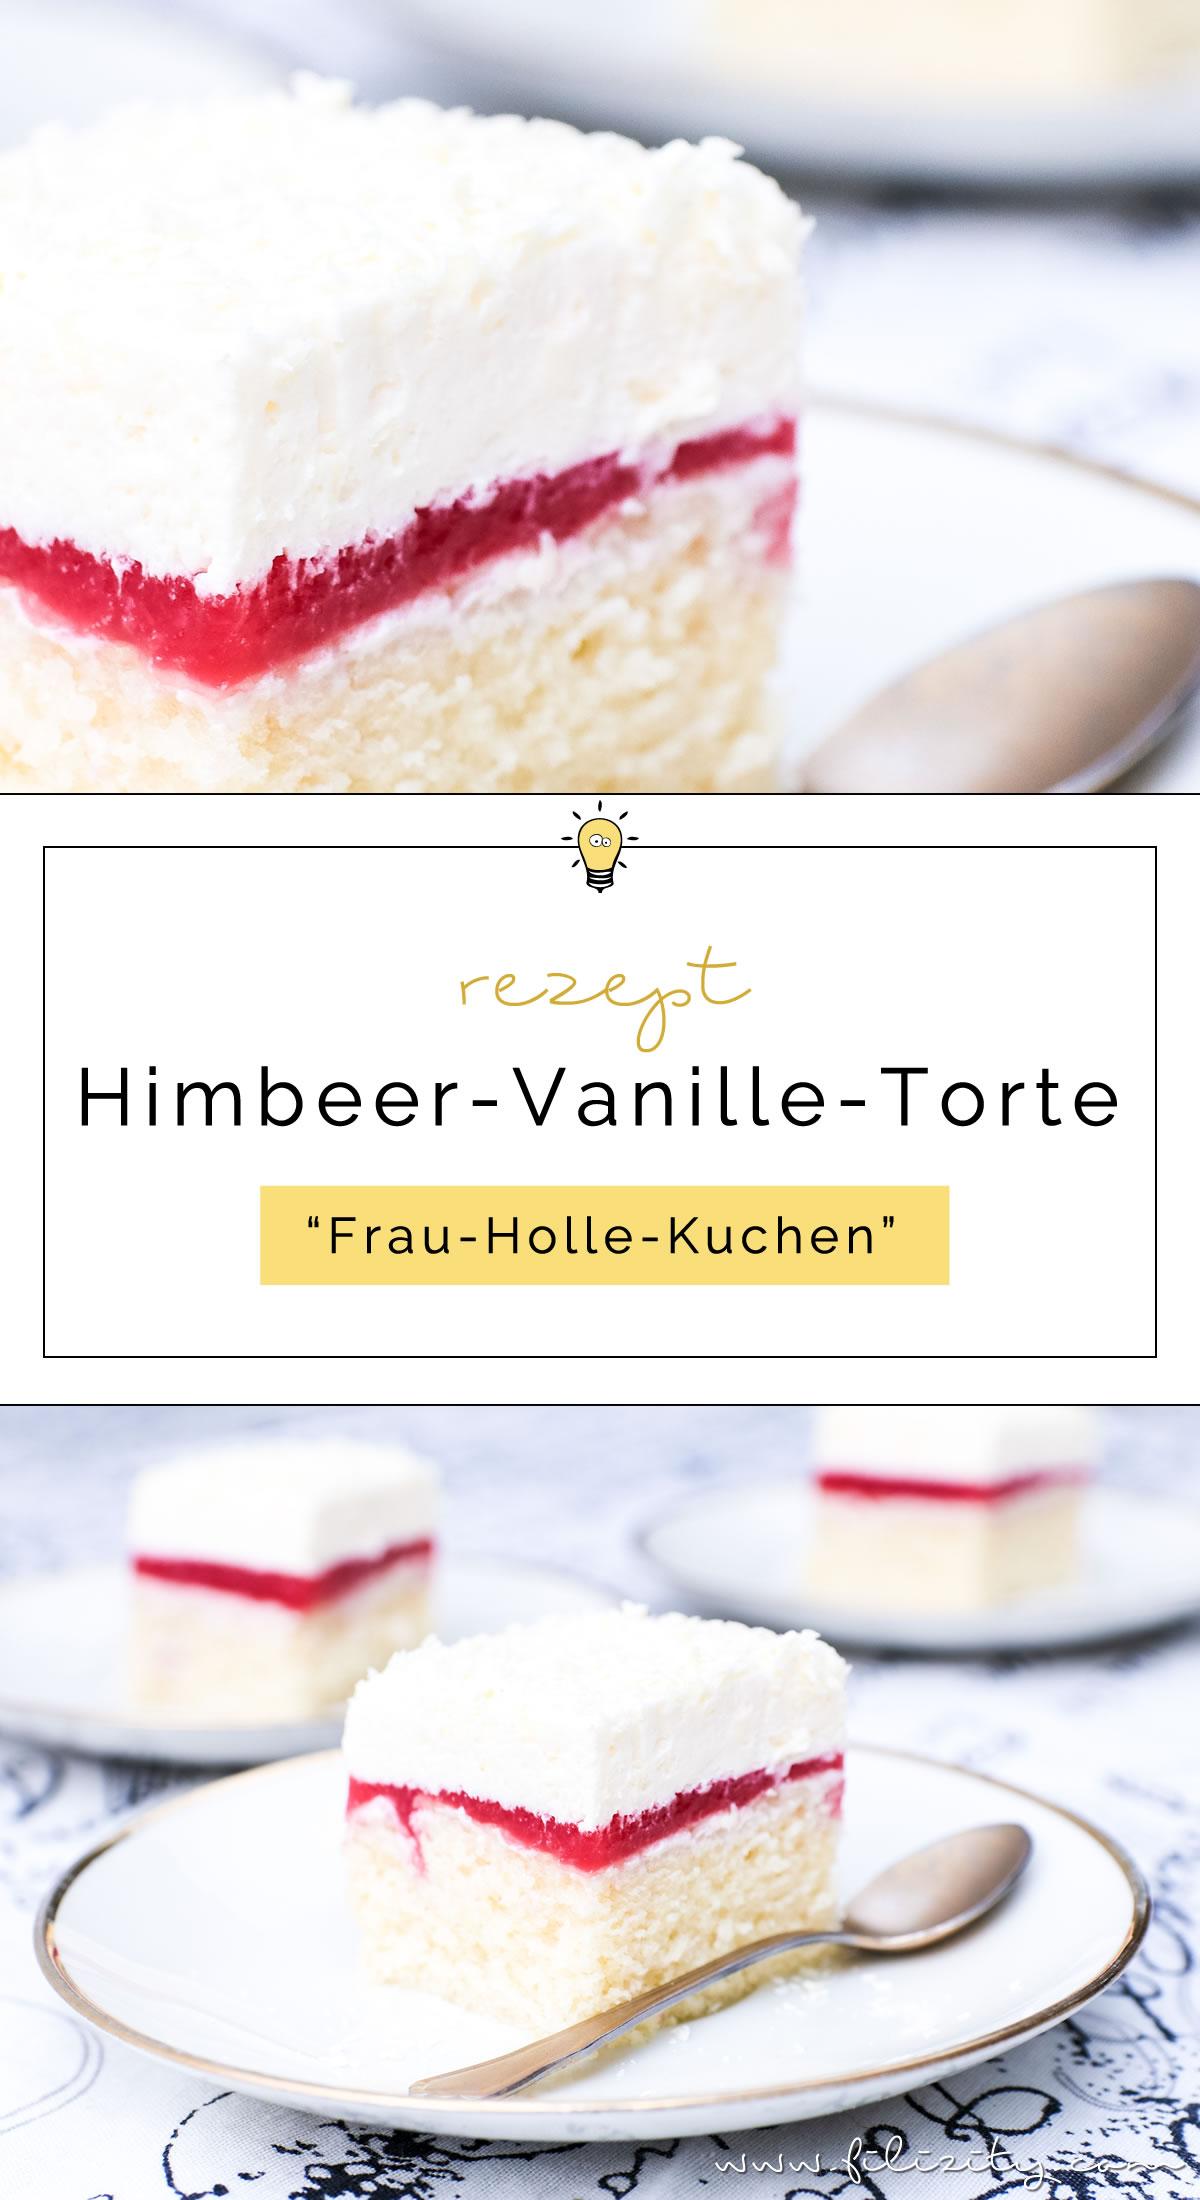 Himbeer Vanille Torte Frau Holle Kuchen Filizity Com Food Blog